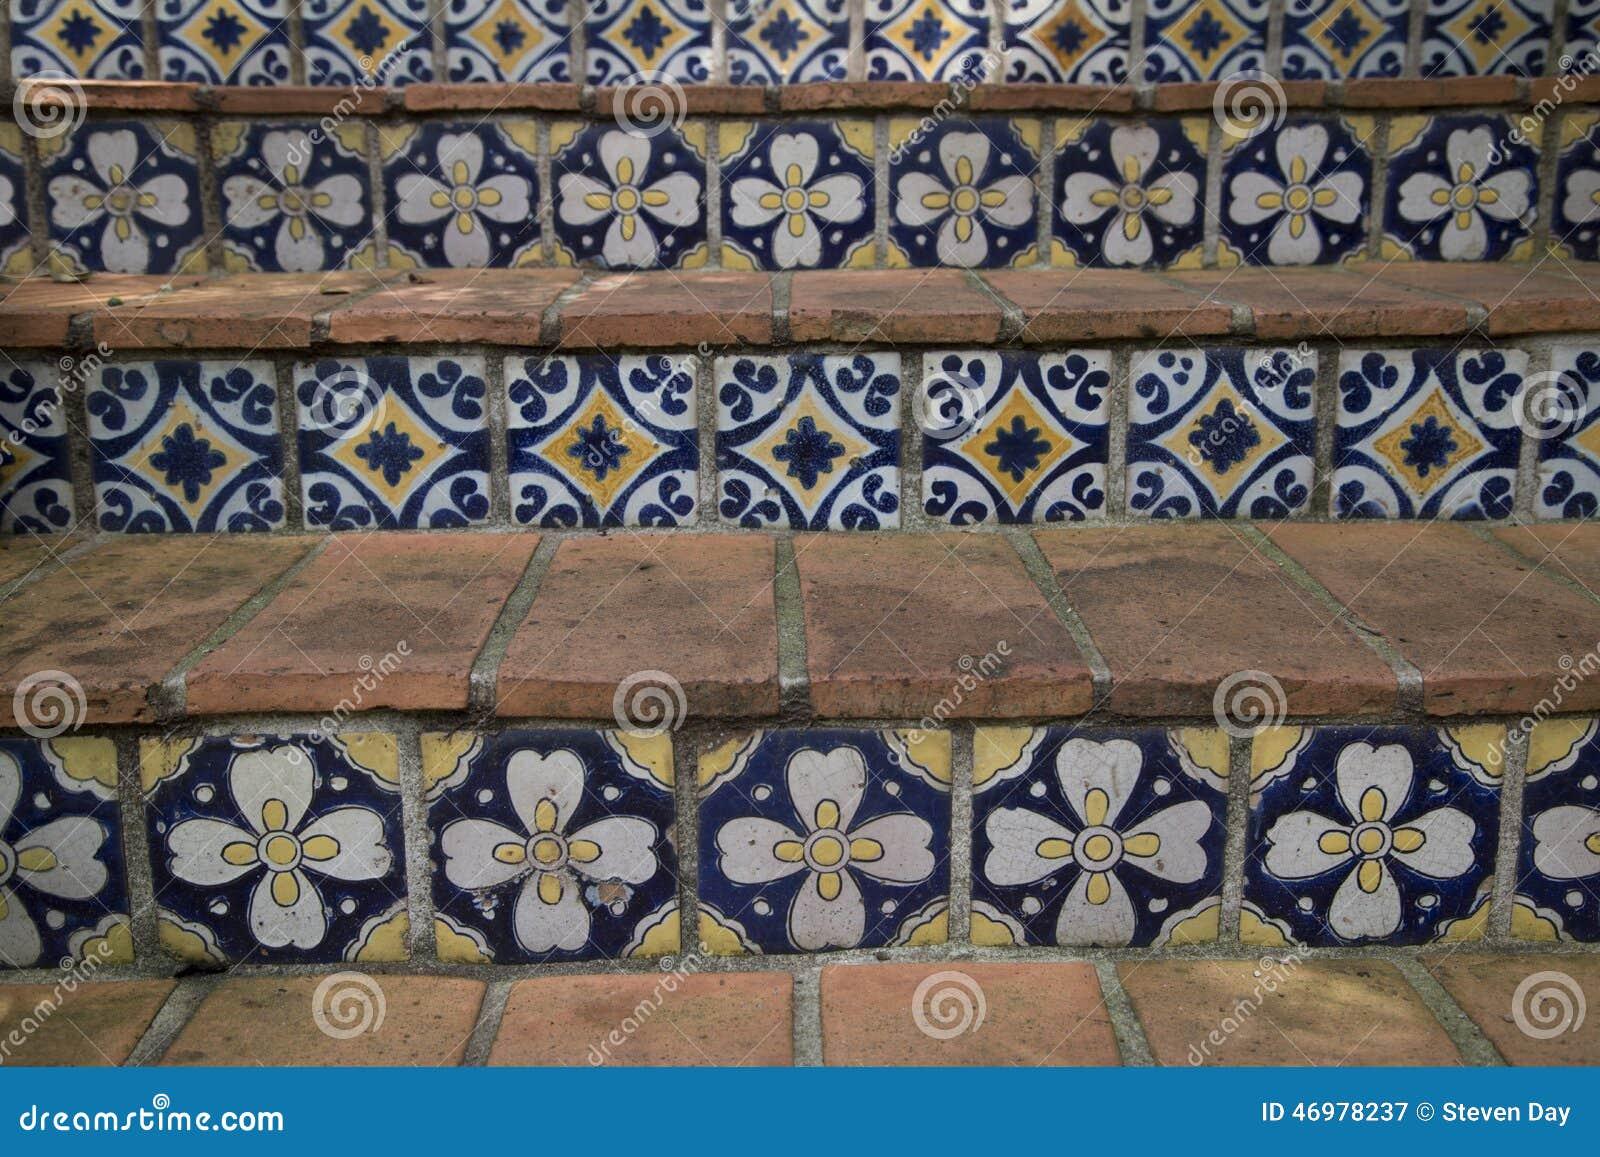 Dise o bonito de un fondo floral de la escalera de la - Diseno de fotos ...